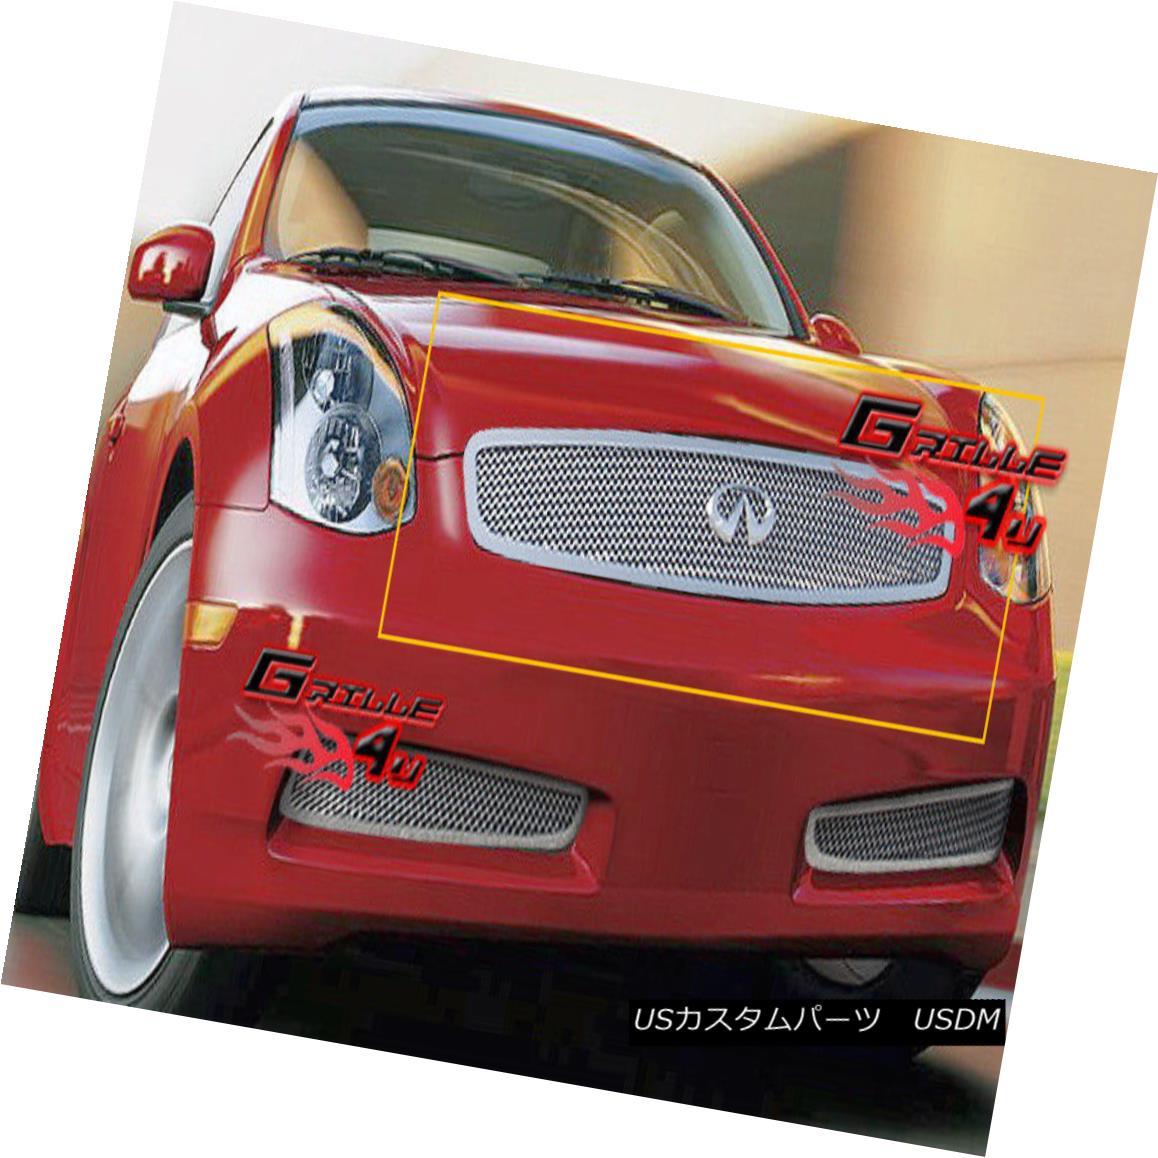 グリル For 03-07 Infiniti G35 Coupe Stainless Steel Mesh Grille Insert 03-07インフィニティG35クーペステンレスメッシュグリルインサート用